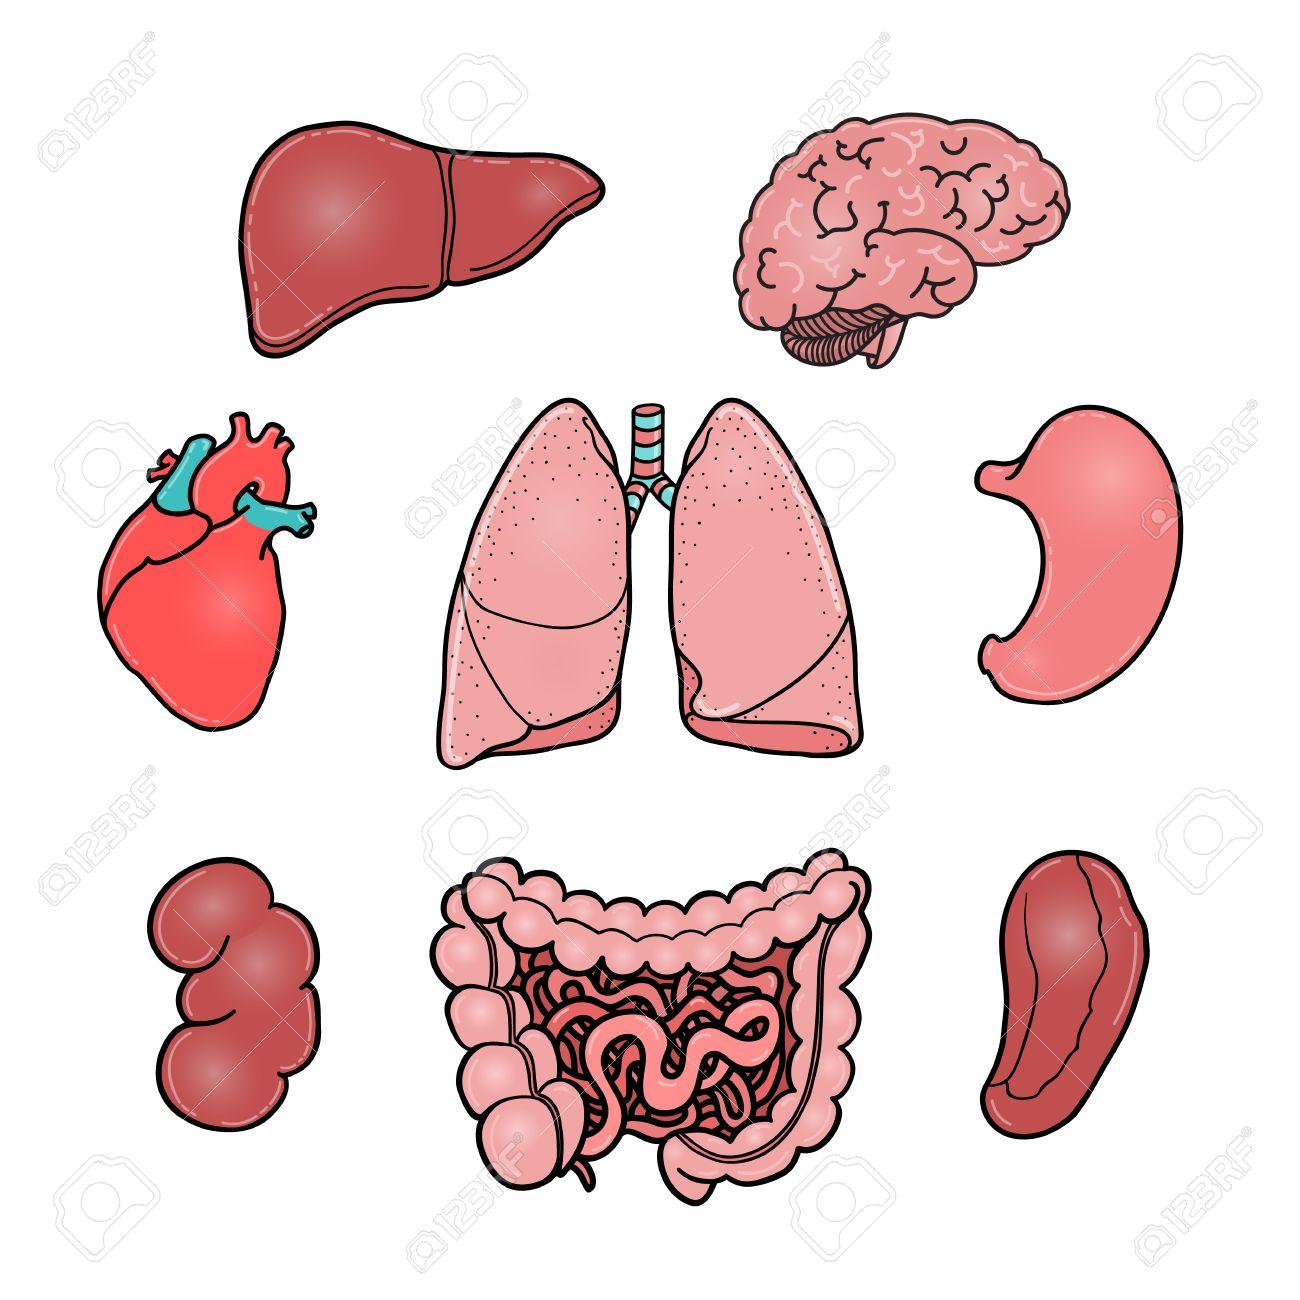 Conjunto De órganos Humanos Internos - Cerebro, El Corazón, El ...